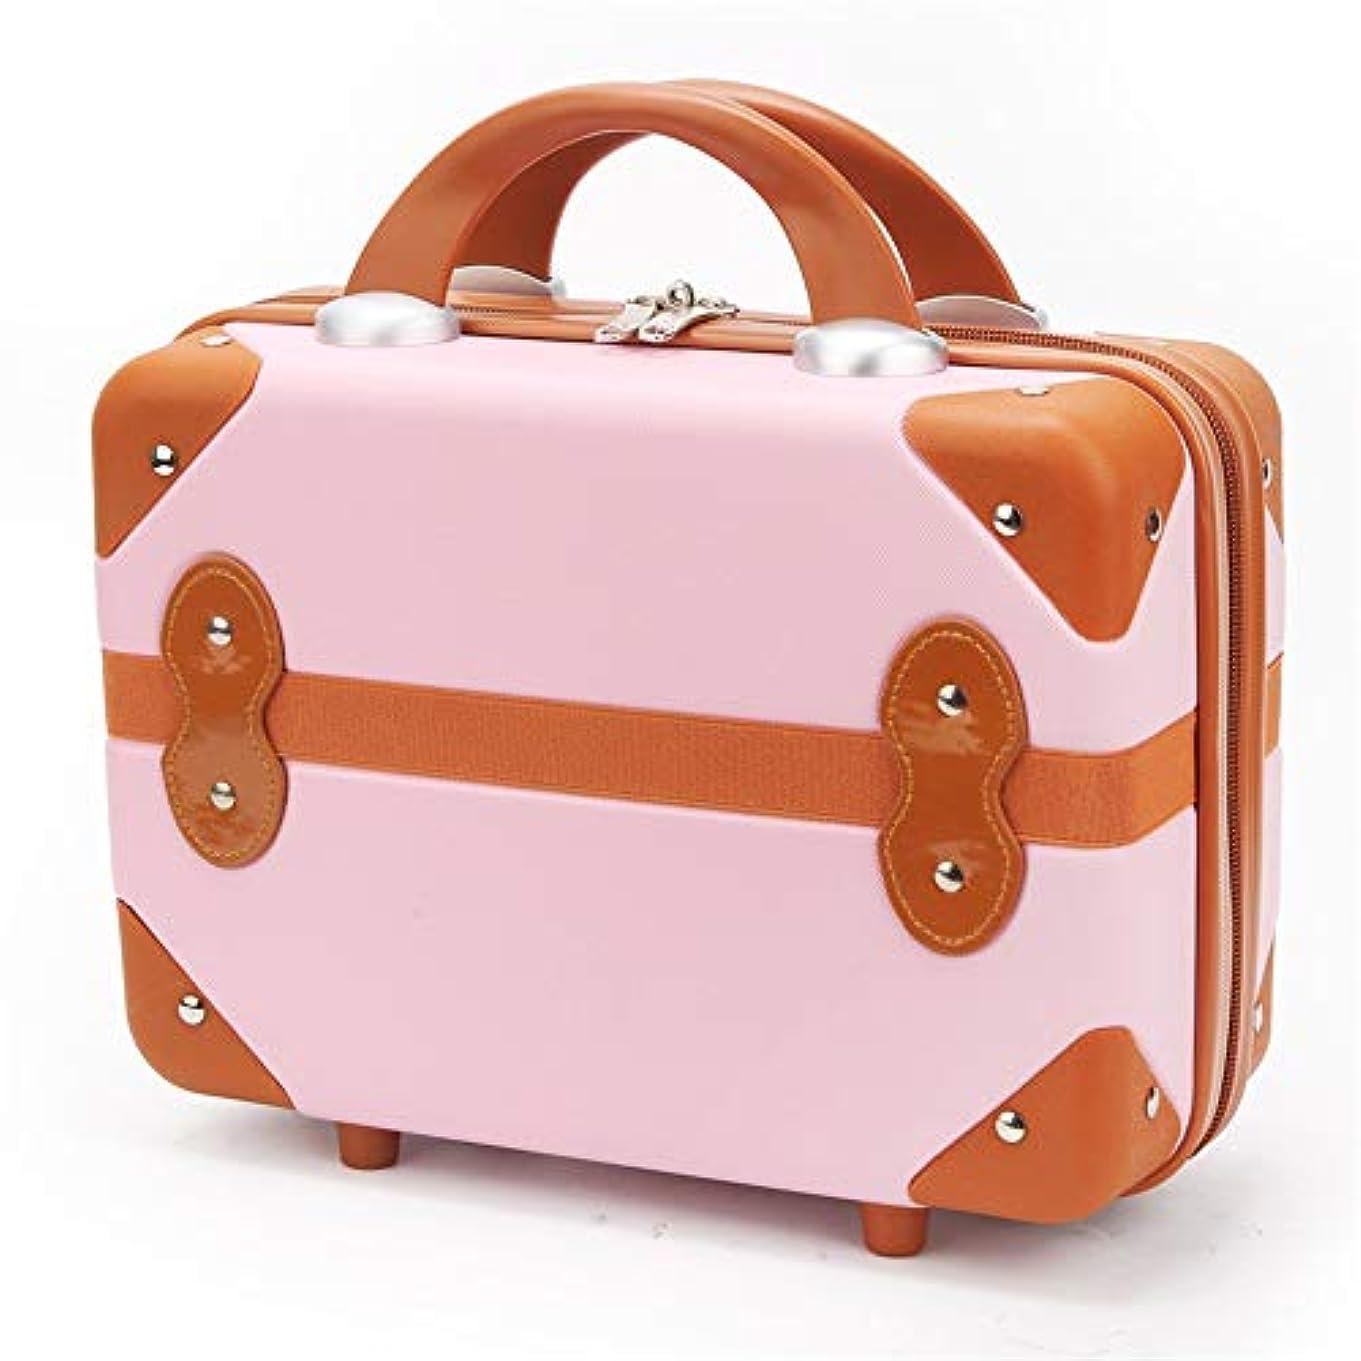 特大スペース収納ビューティーボックス 14インチ化粧旅行バッグ防水化粧ケース用十代の女の子女性アーティスト多機能ポータブル旅行 化粧品化粧台